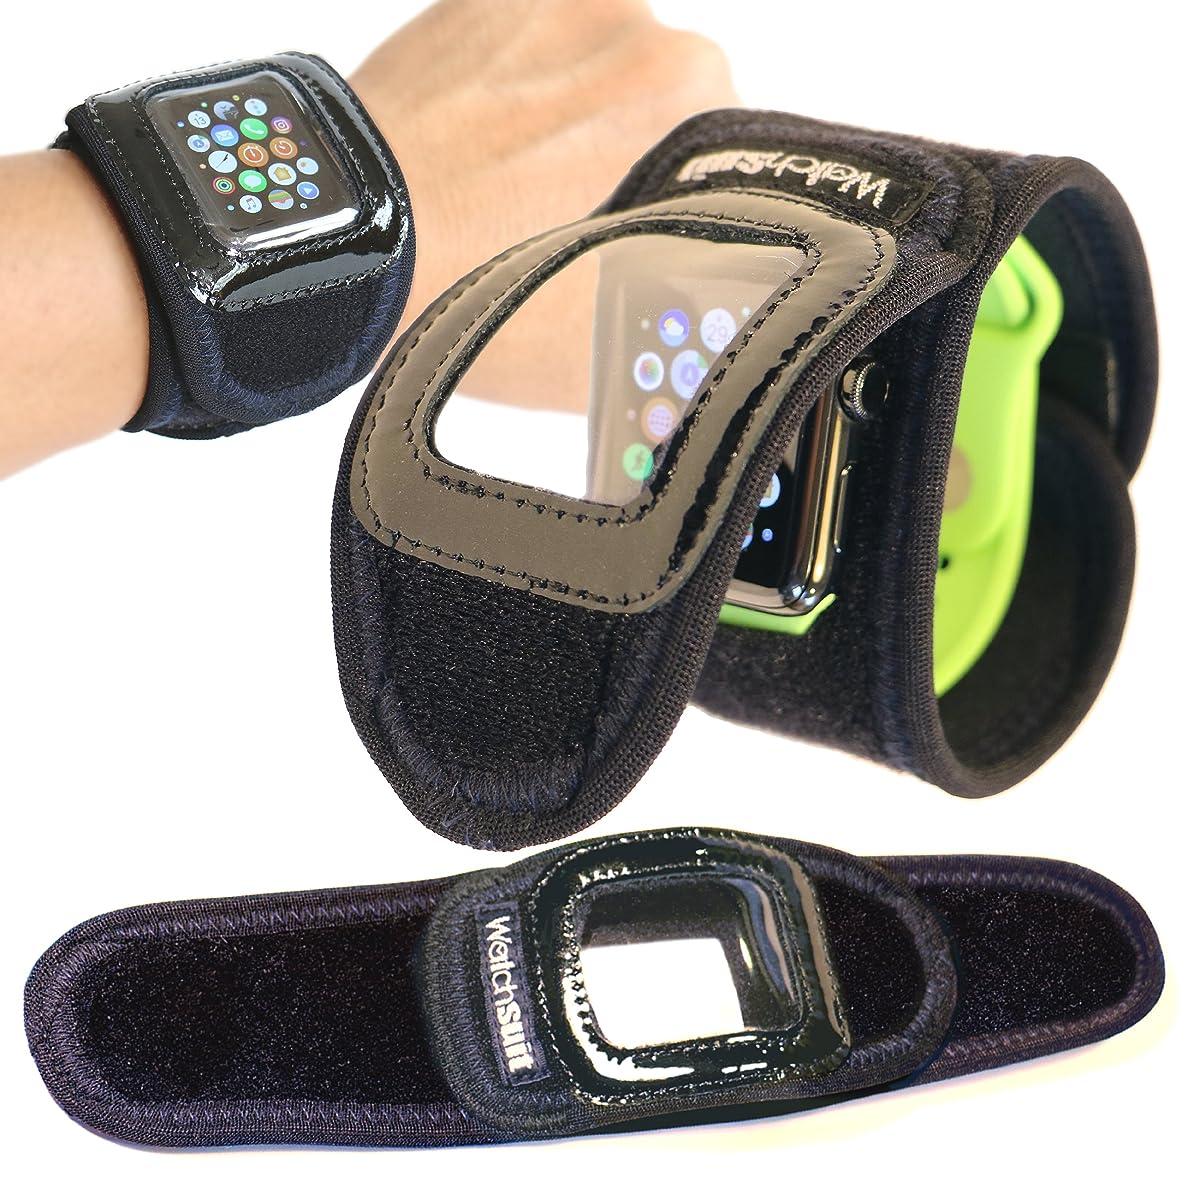 死ぬ驚無視できる《Watch suit VIEW》はApplewatch、腕時計を5秒で簡単装着する保護プロテクターです。透明カバーの上からスマートウオッチの操作可能なソフトカバー GALAXY Gear、SONY Smartwatchで水泳等にも、信頼のメイドインジャパン